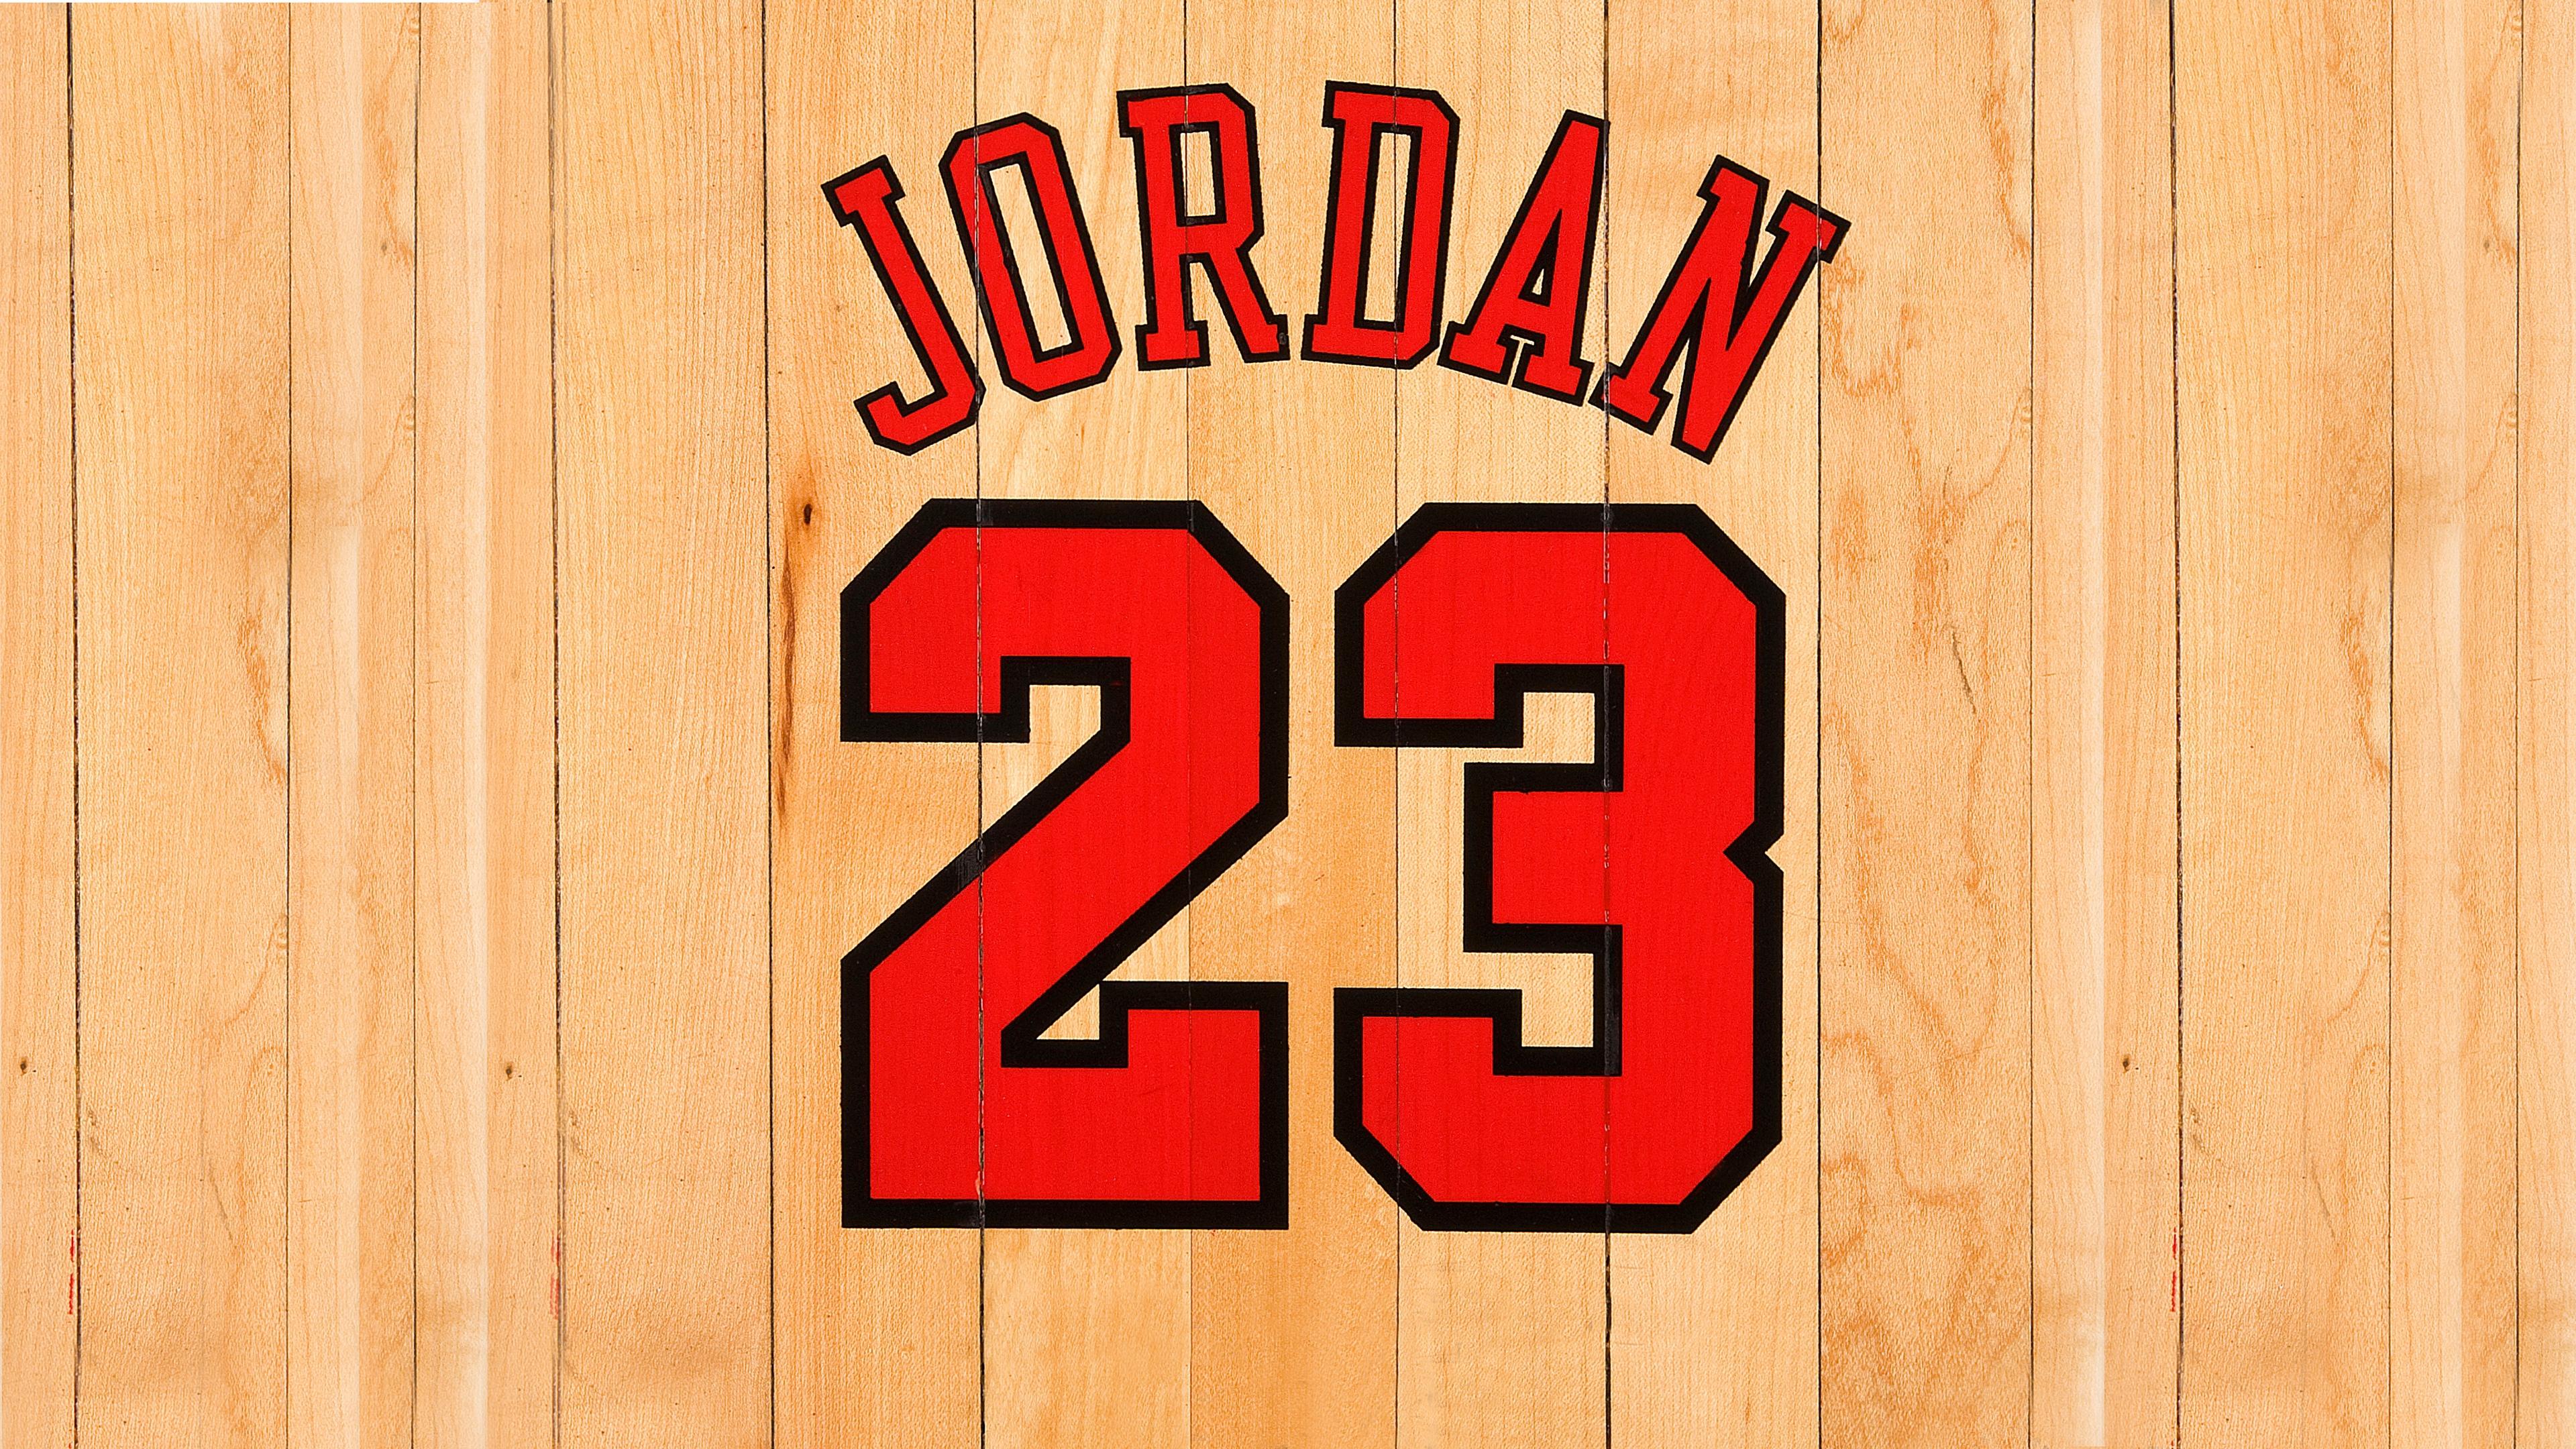 michael jordan chicago bulls number name nba basketball boards 4k 1540063497 - michael jordan, chicago bulls, number, name, nba, basketball, boards 4k - Number, michael jordan, chicago bulls